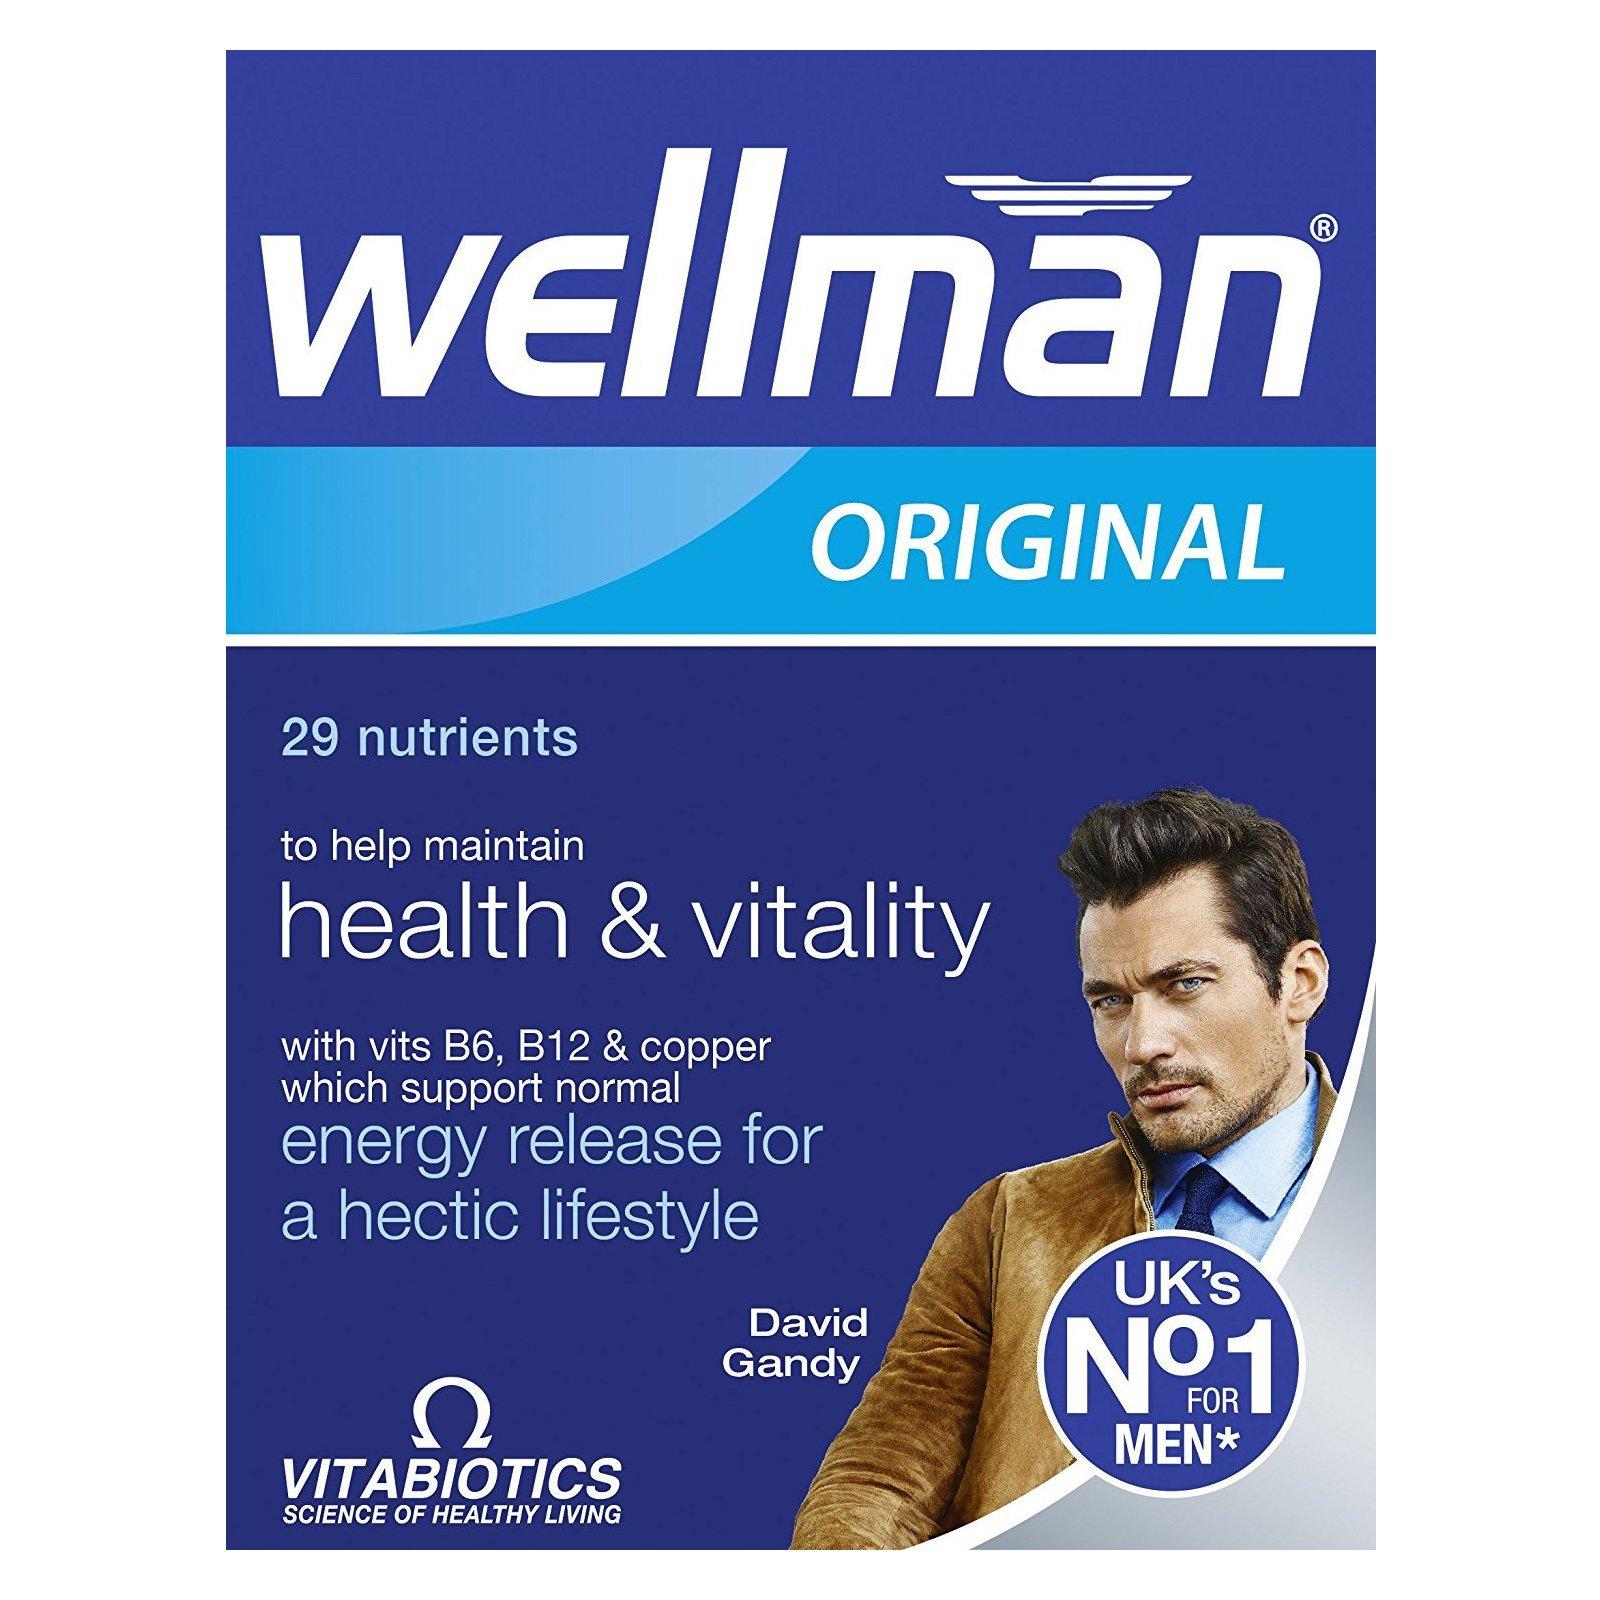 Vitabiotics Wellman Συμπλήρωμα Διατροφής Ειδικά Σχεδιασμένο για Άνδρες 30Tabs